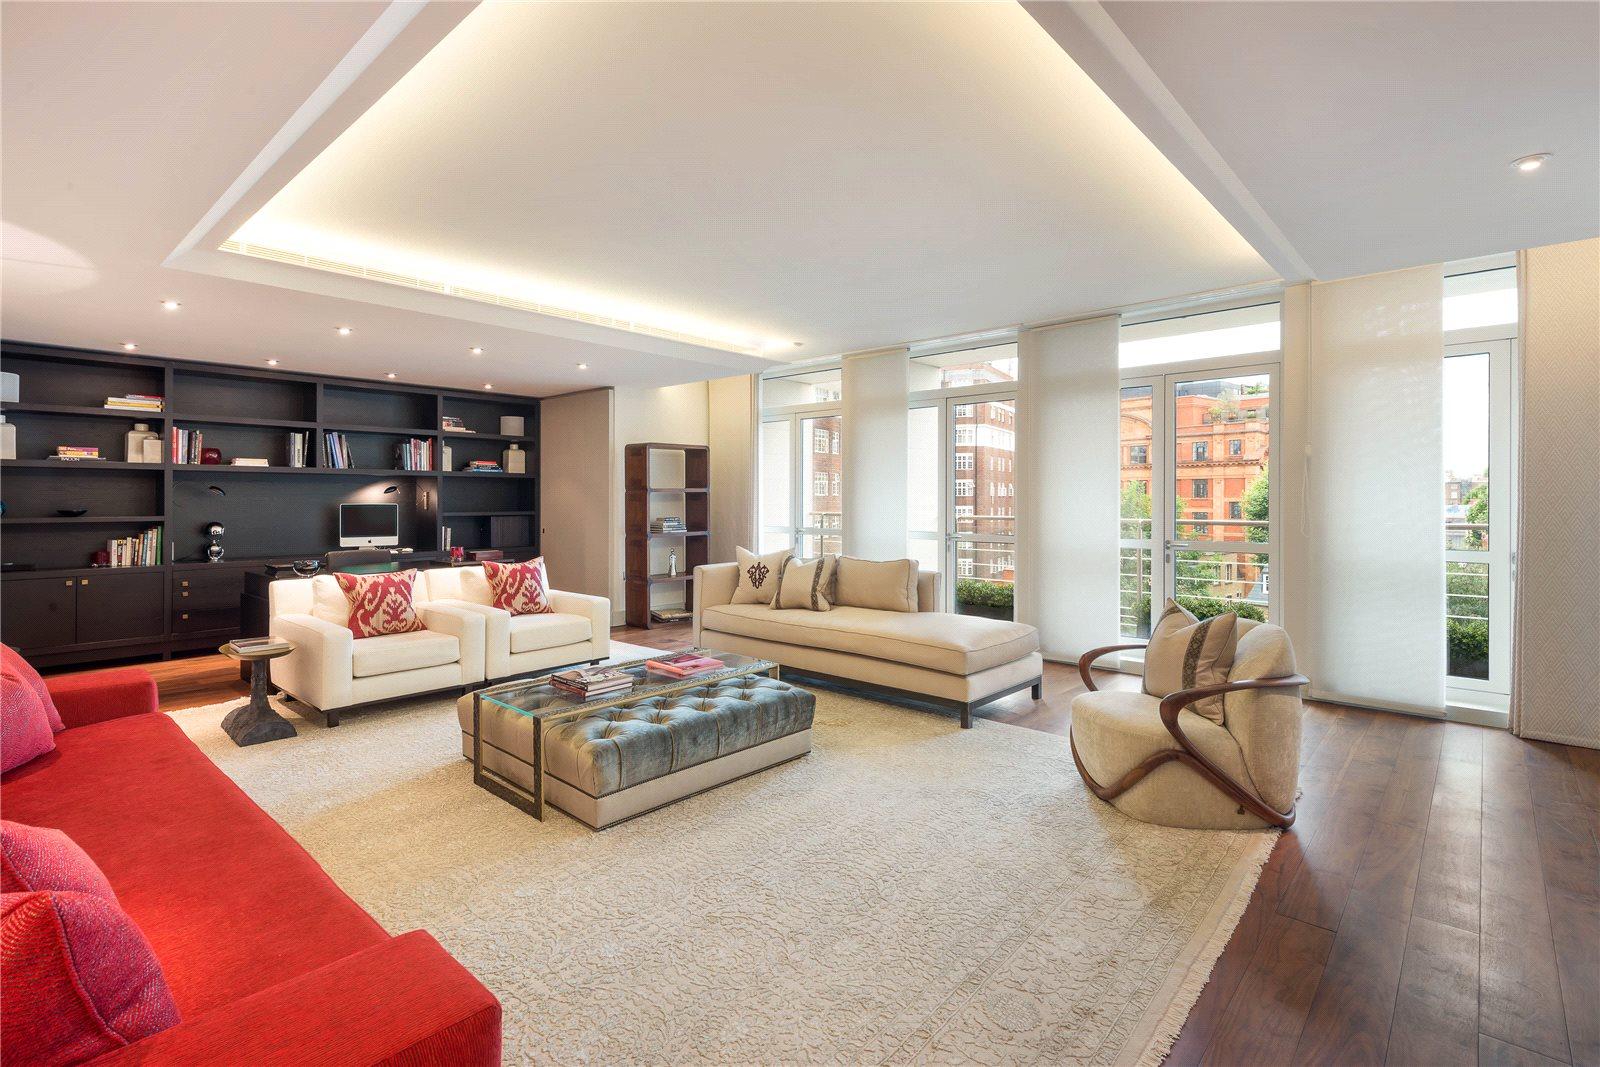 公寓 为 销售 在 Lancelot Place, London, SW7 London, 英格兰